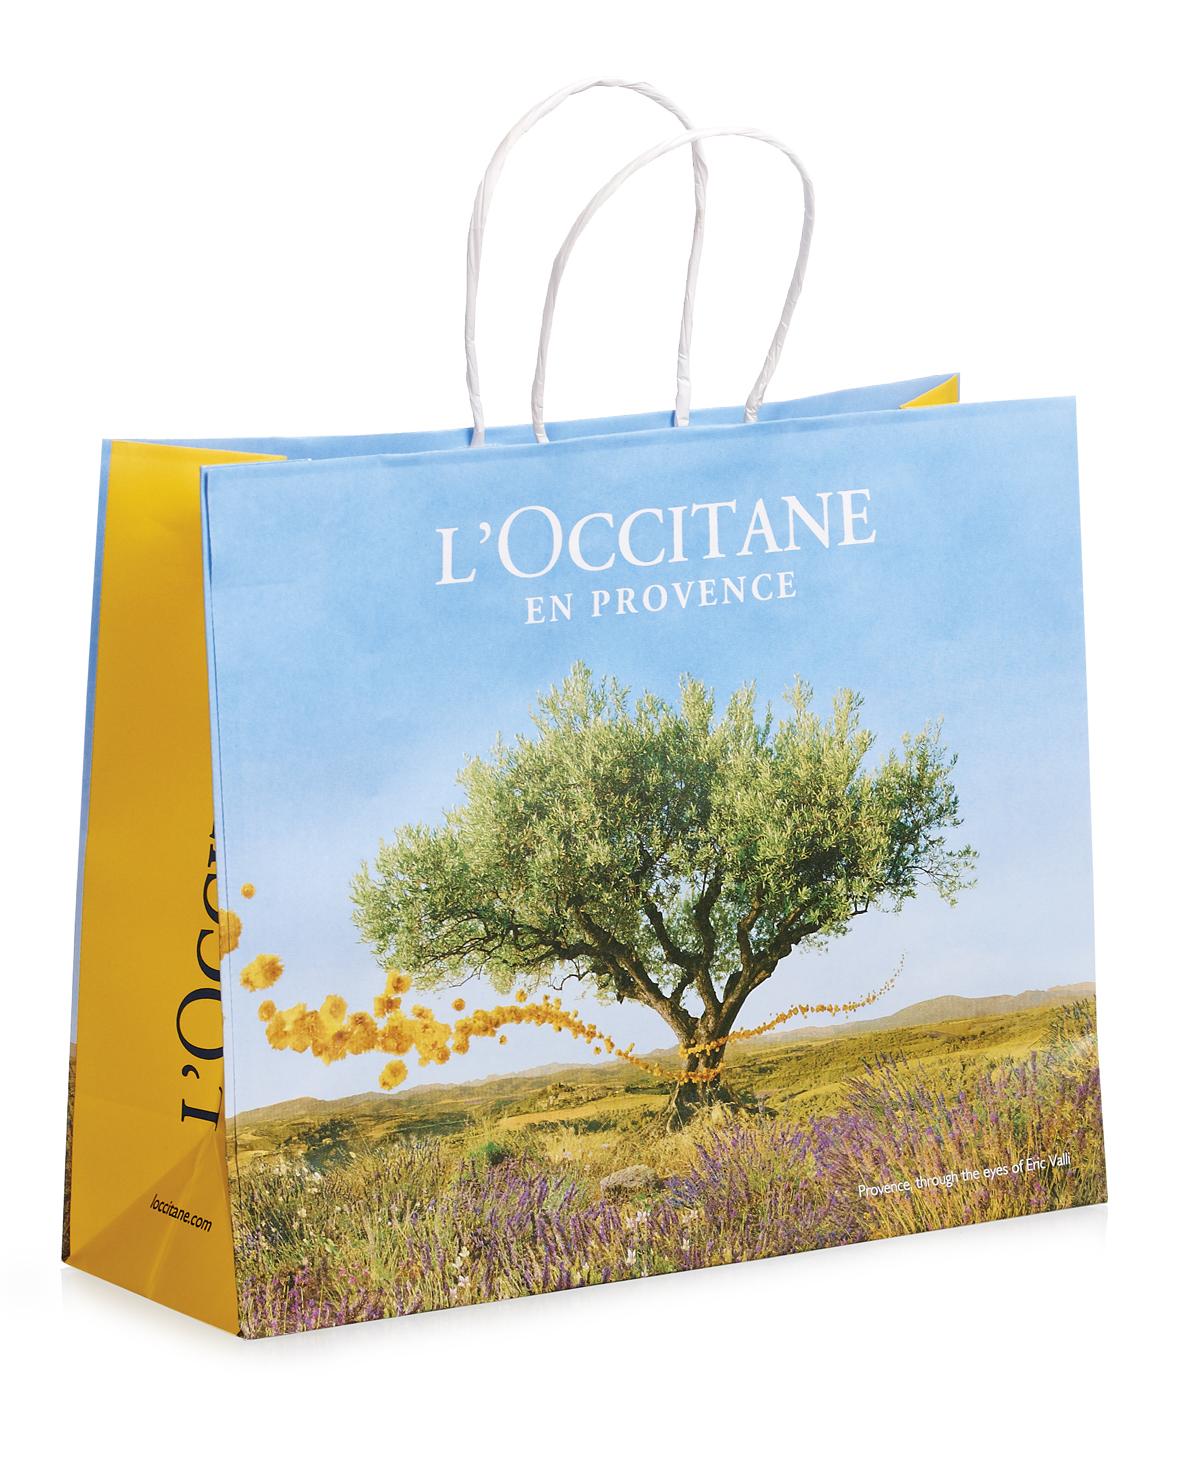 Брендированный пакет L'OCCITANE